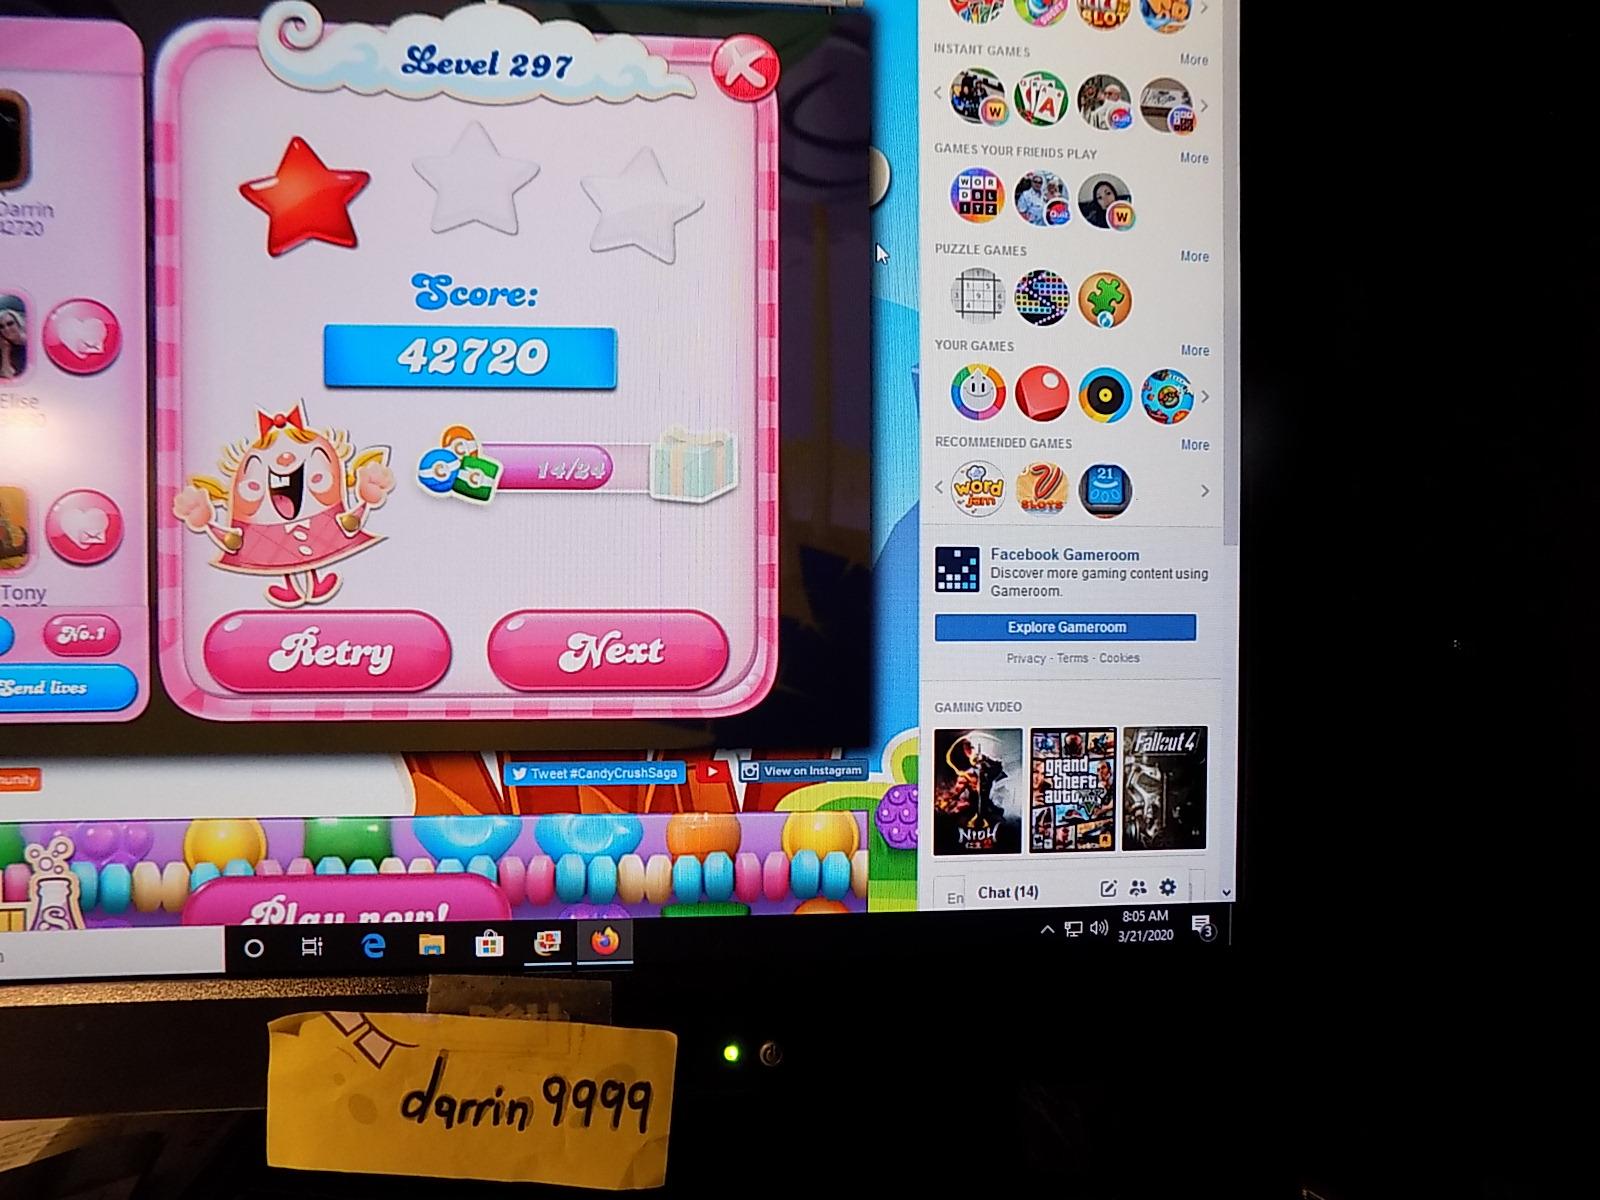 darrin9999: Candy Crush Saga: Level 297 (Web) 42,720 points on 2020-05-10 07:07:27